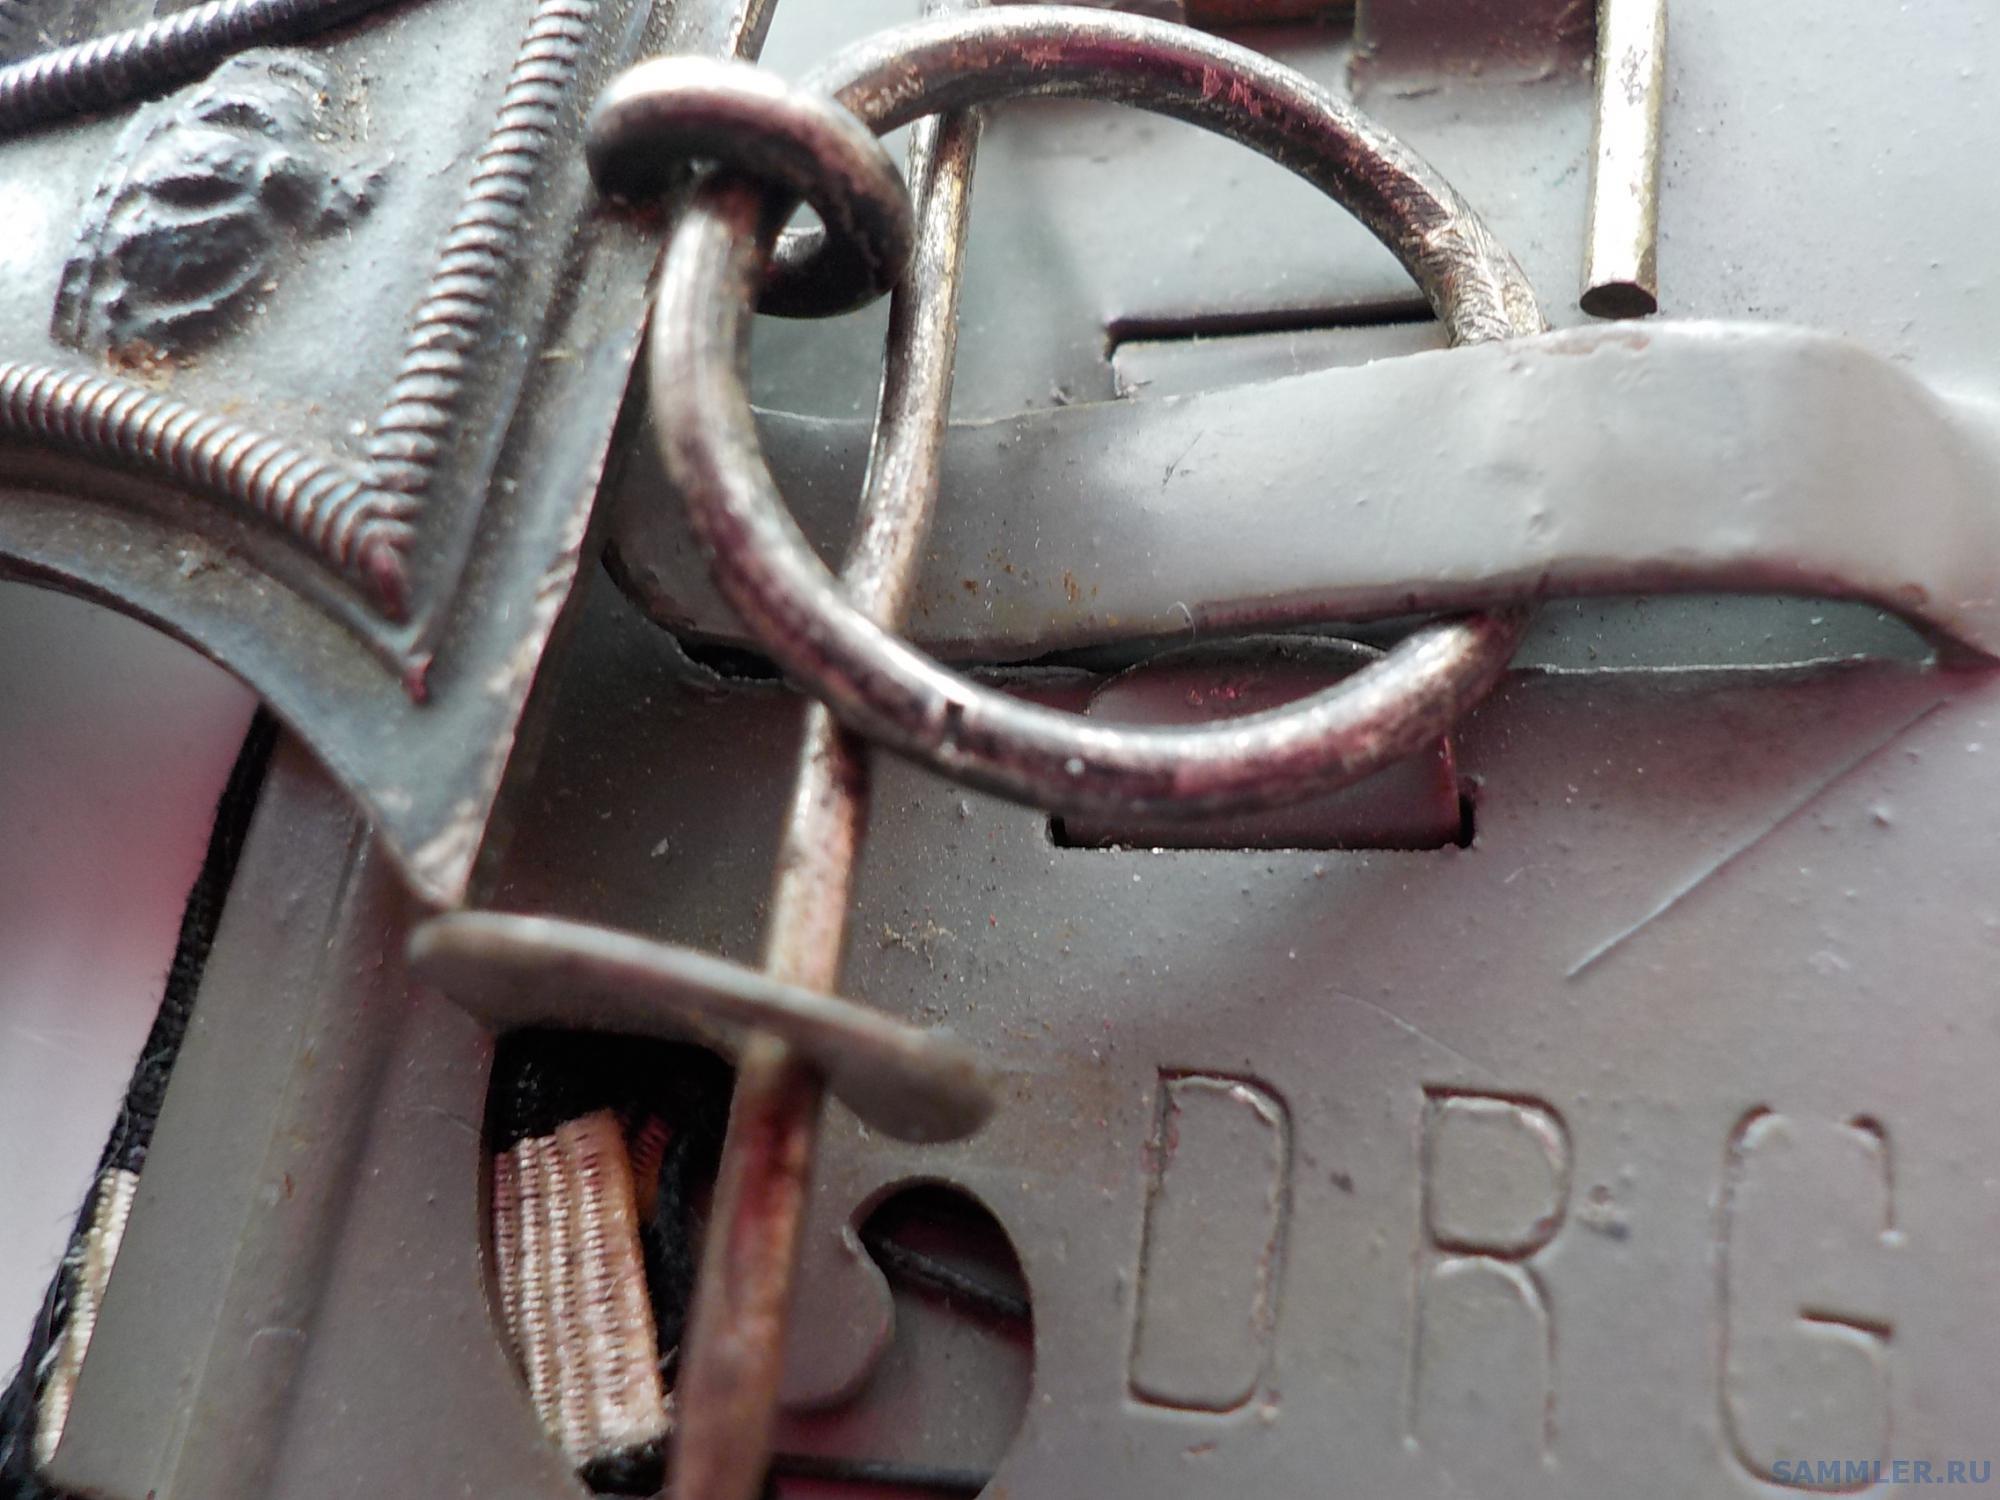 DSCN8785 — копия.JPG